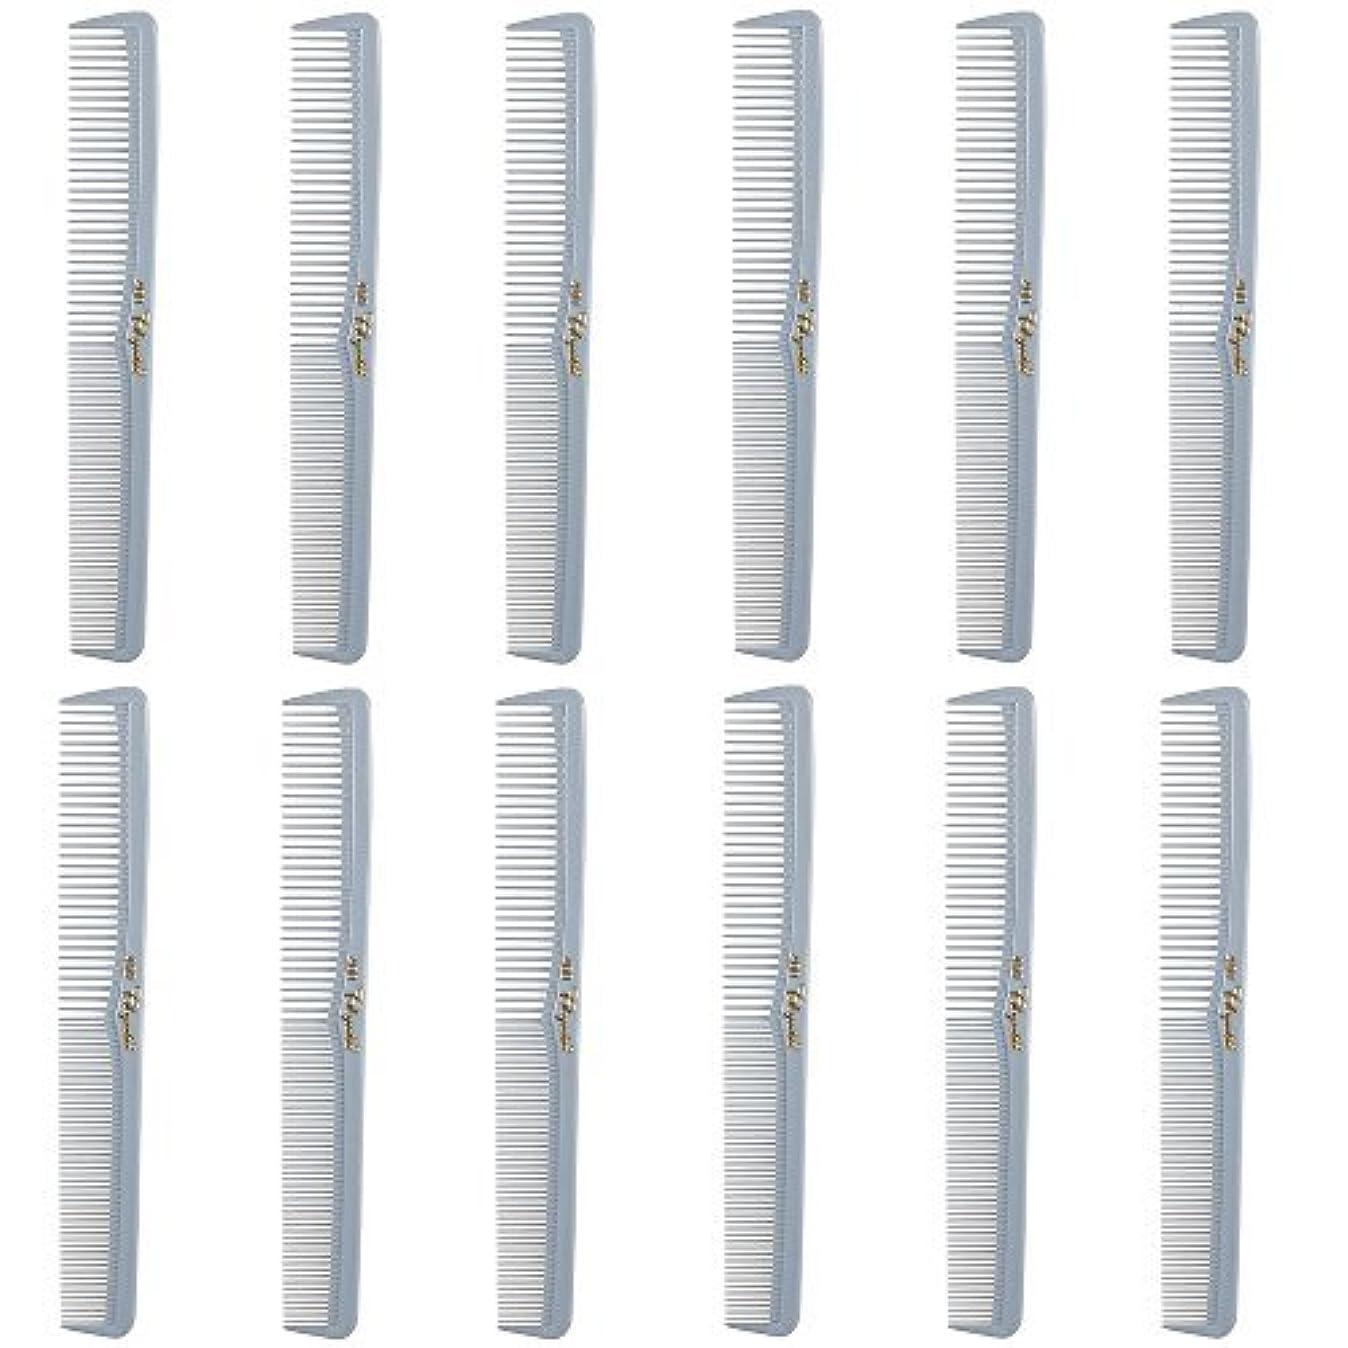 ハプニングひも争いBarber Beauty Hair Cleopatra 400 All Purpose Comb (12 Pack) 12 x SB-C400-LGREY [並行輸入品]